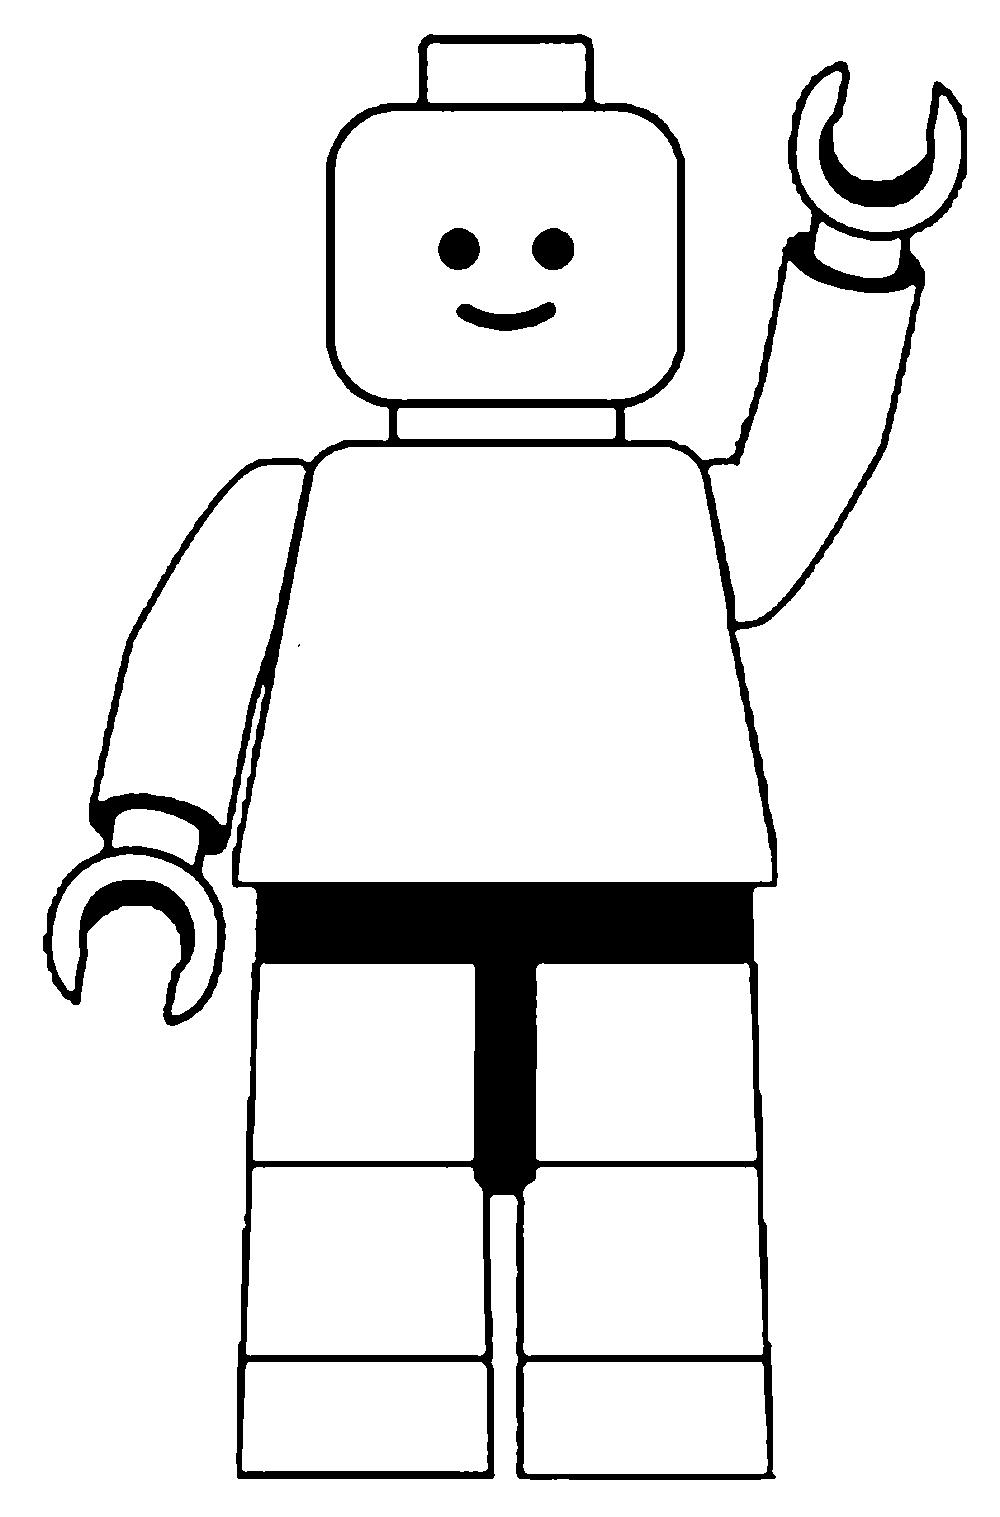 Legos clipart blocs. Stincle lego man